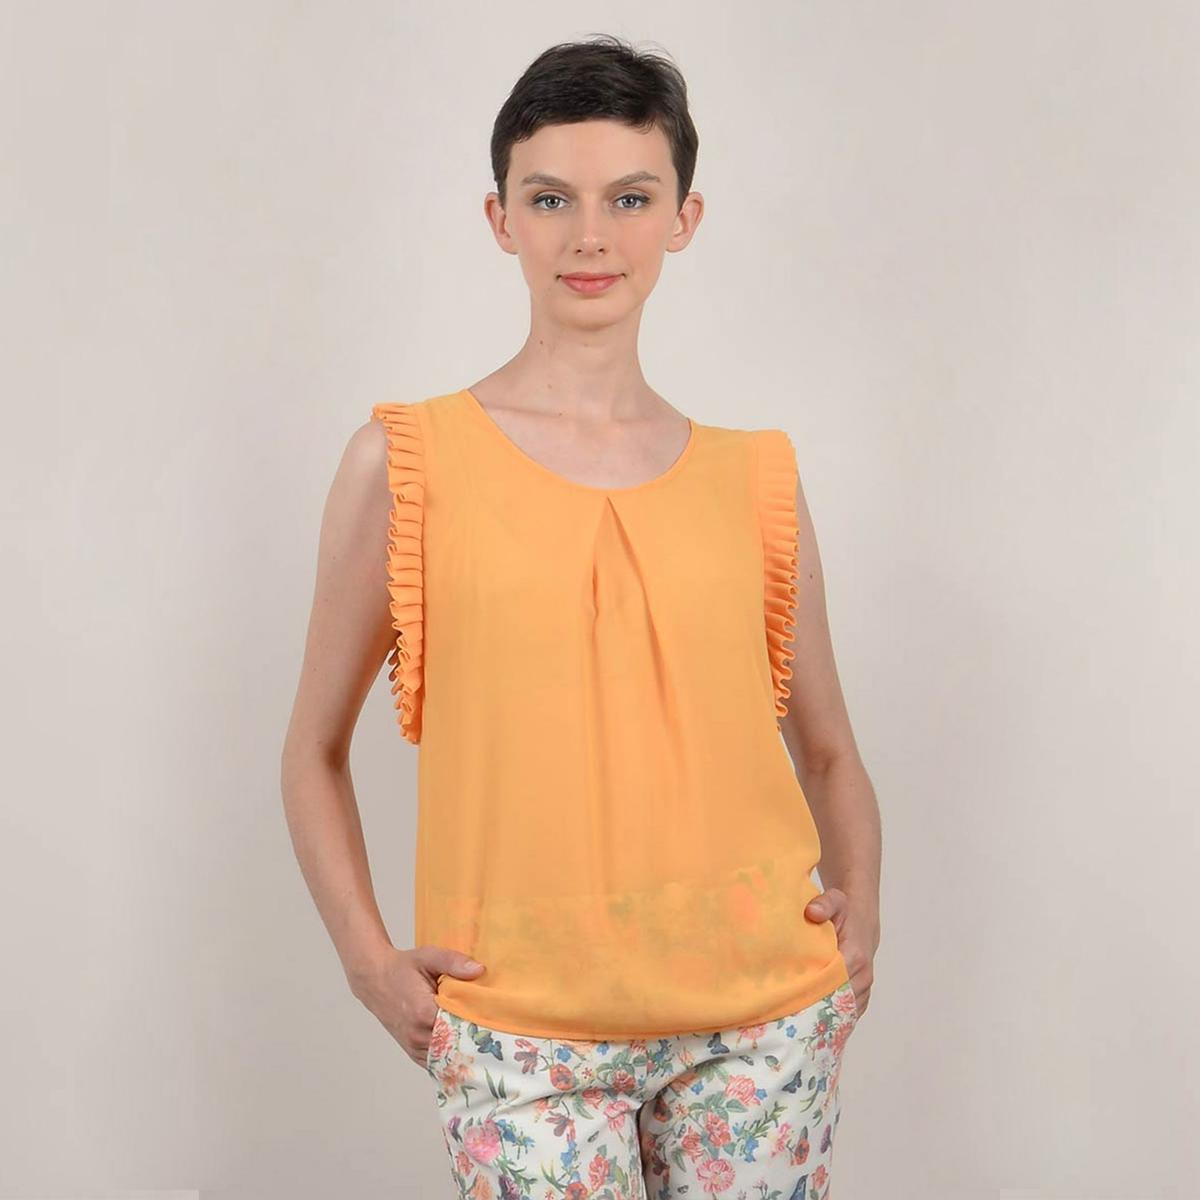 Блузка La Redoute С круглым вырезом без рукавов XS желтый